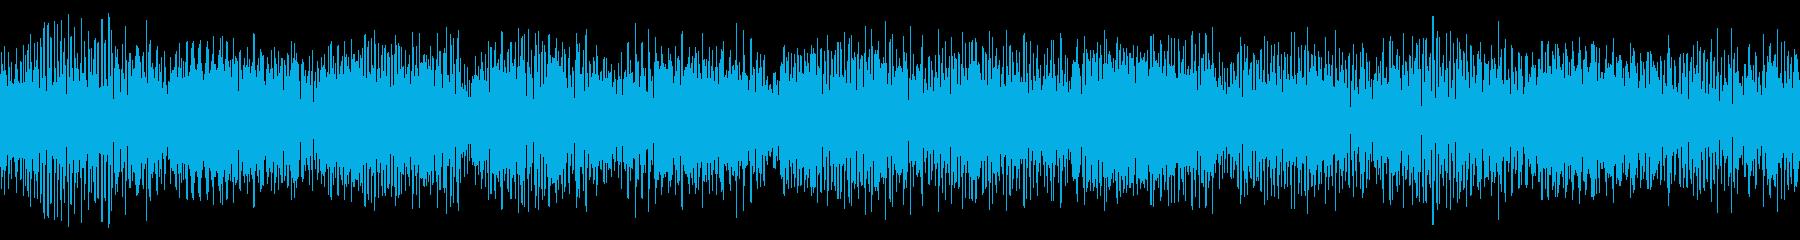 SNES レース02-02(エンジン ルの再生済みの波形